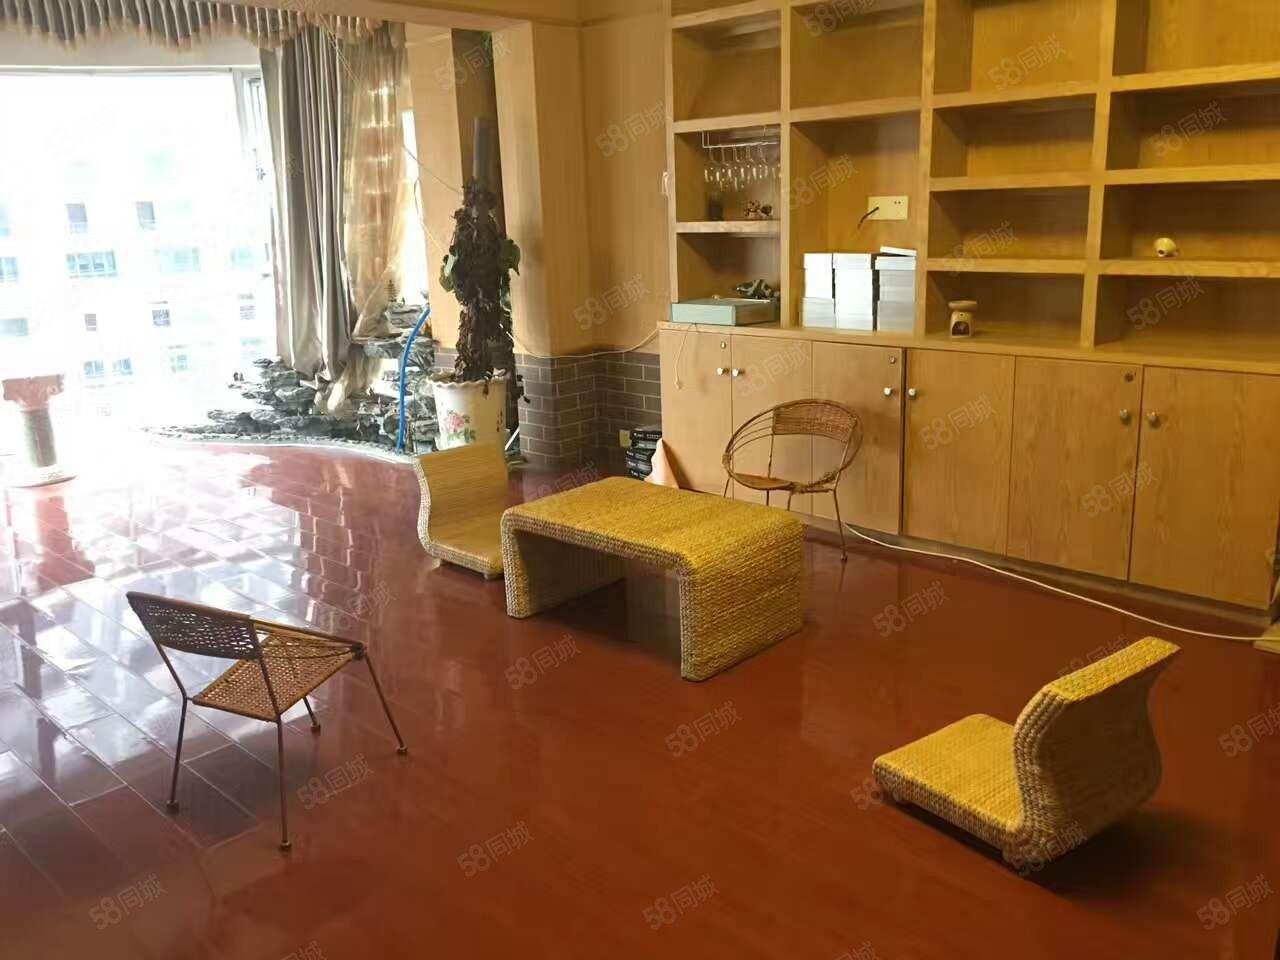 金城广场君华府136三房,适合美容、美体工作室,环境优